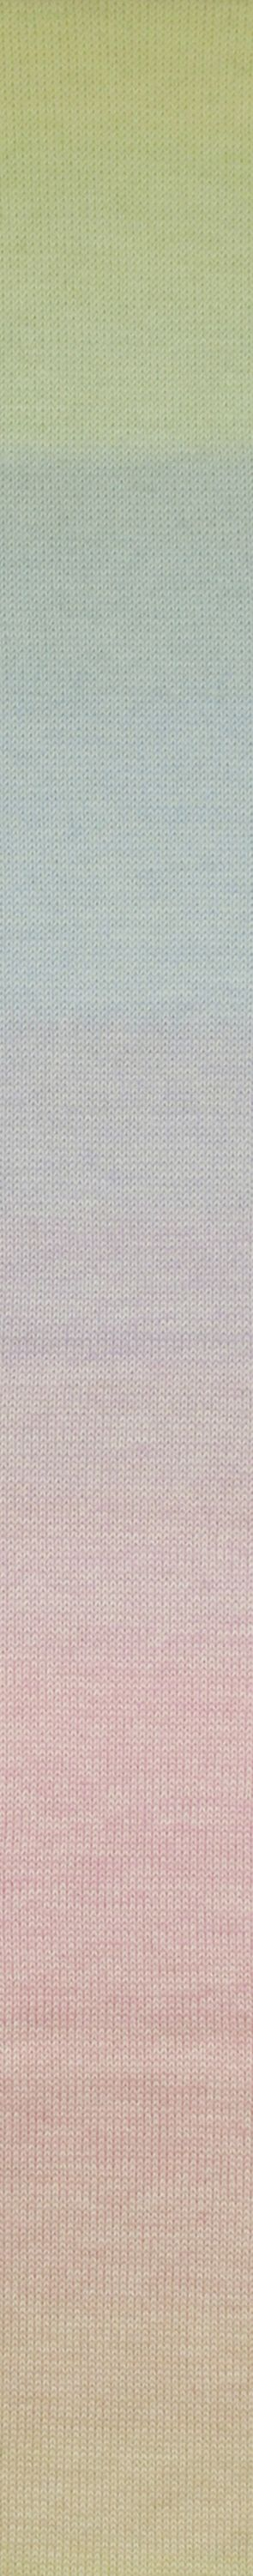 Laine Lang Yarns Super Soxx Cashmere Color 4 ply-Couleur- N° 904.0026